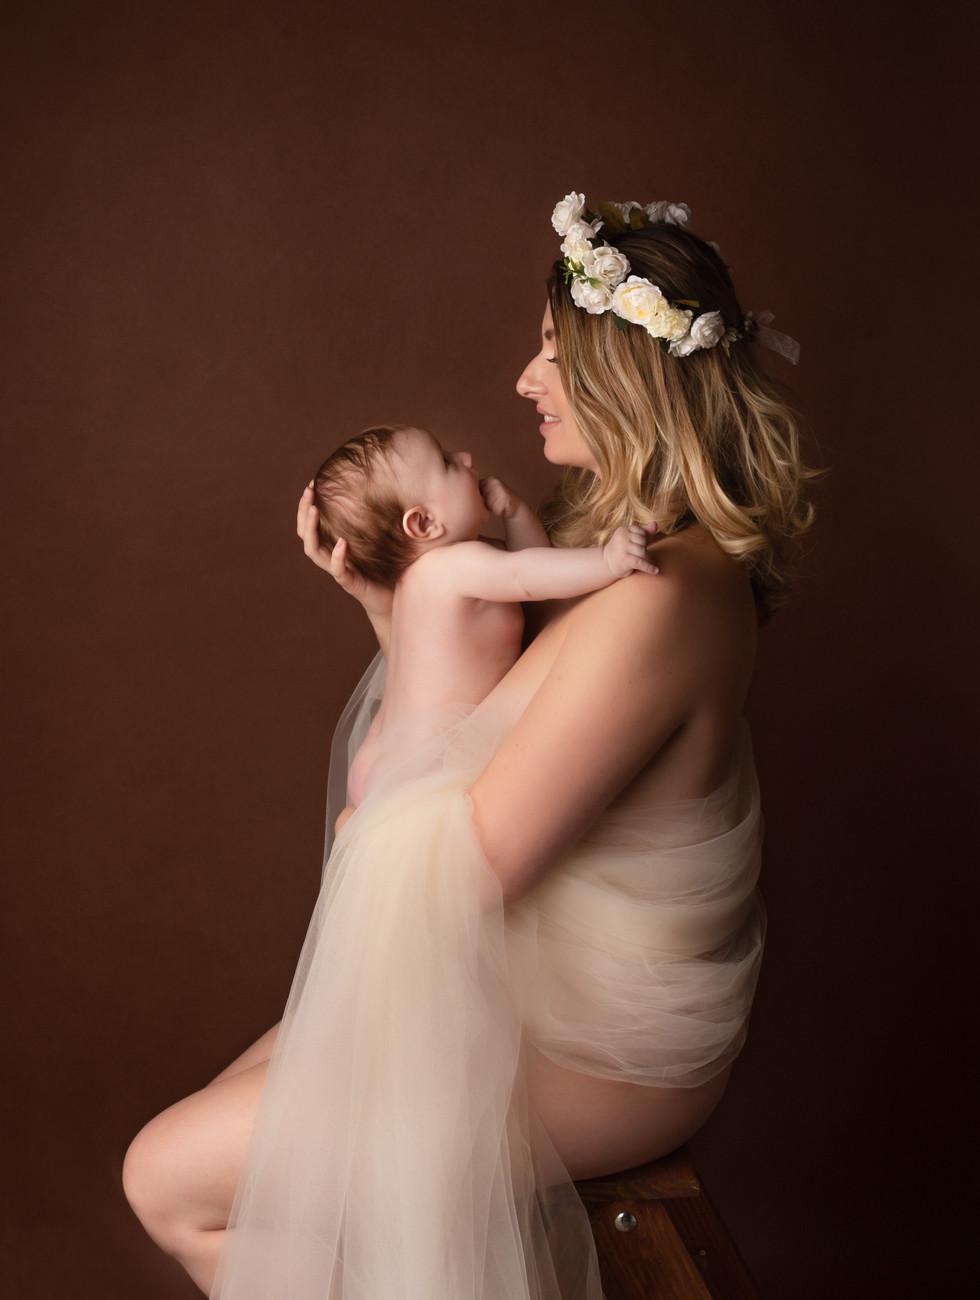 Julie maman et moi-3.jpg